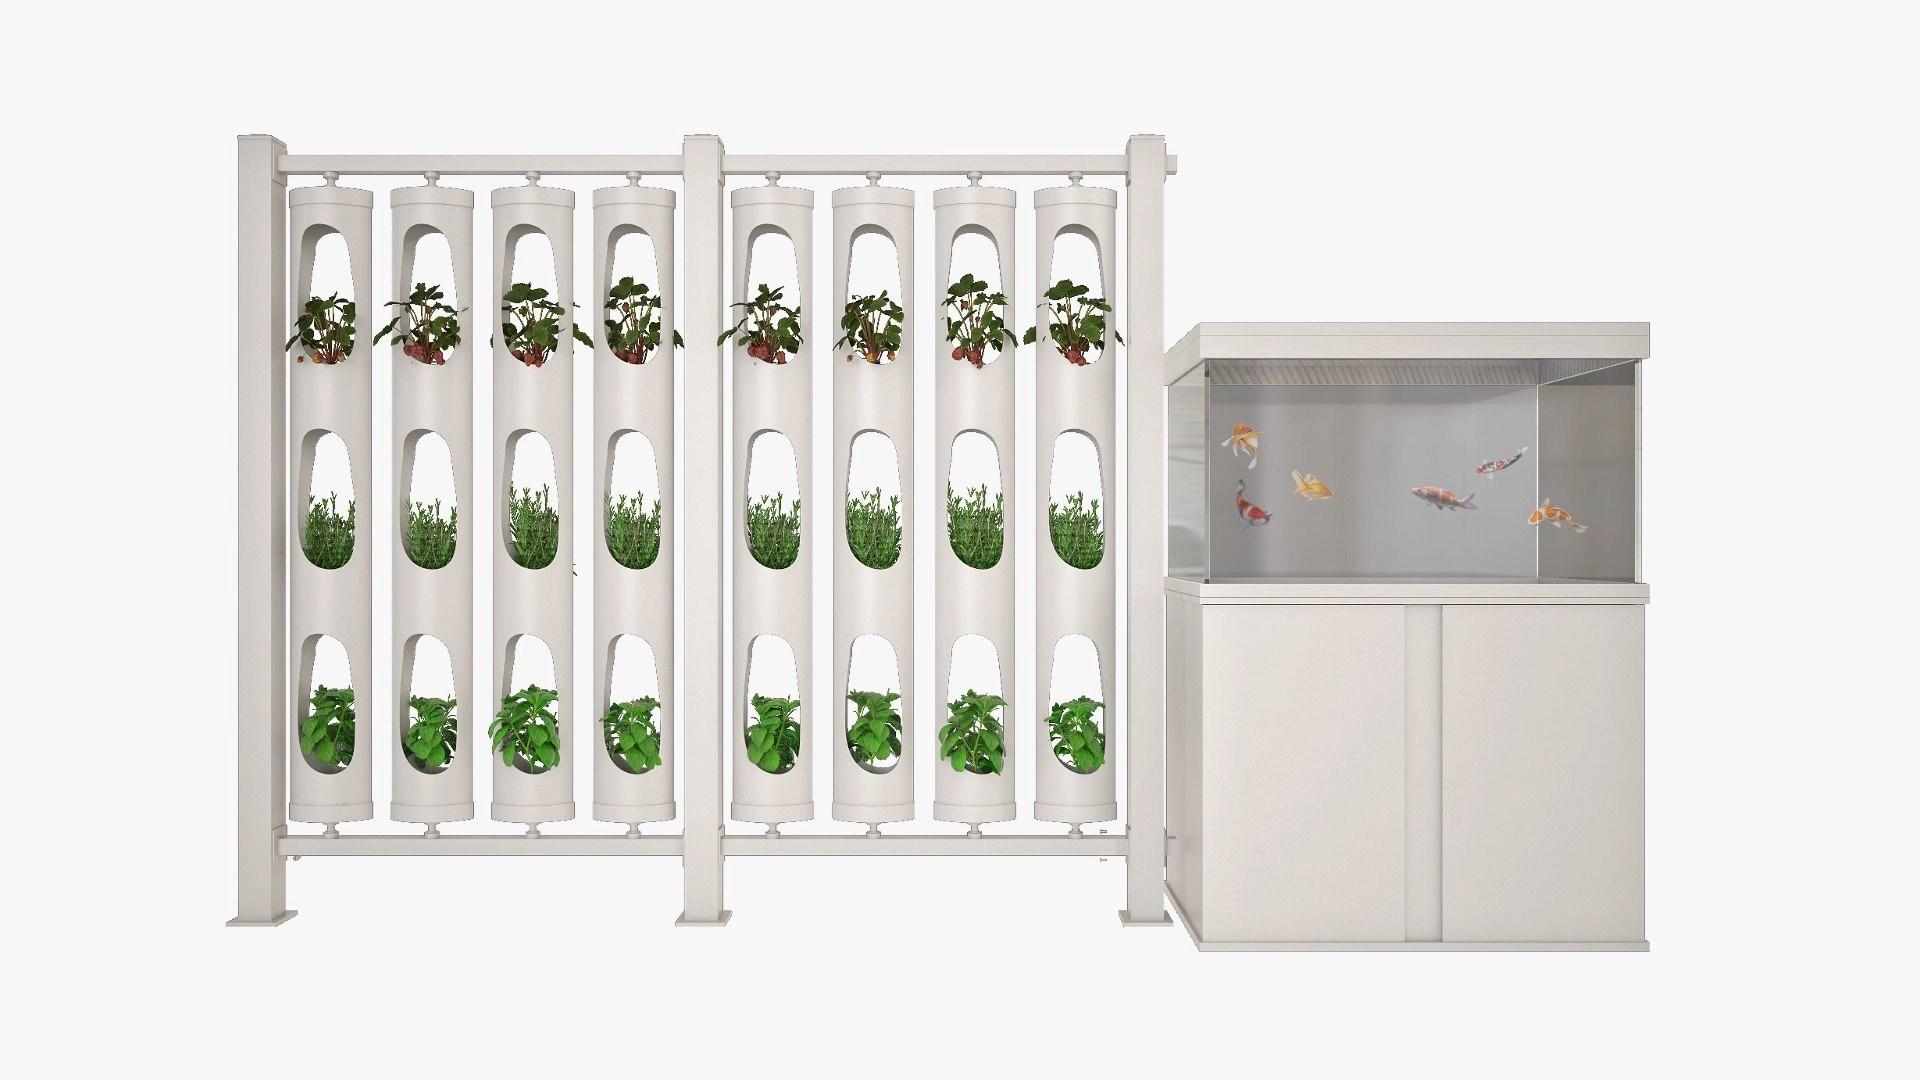 Ponics impianto acquaponica, sistema modulare, acquista ora su acquaponica.blog